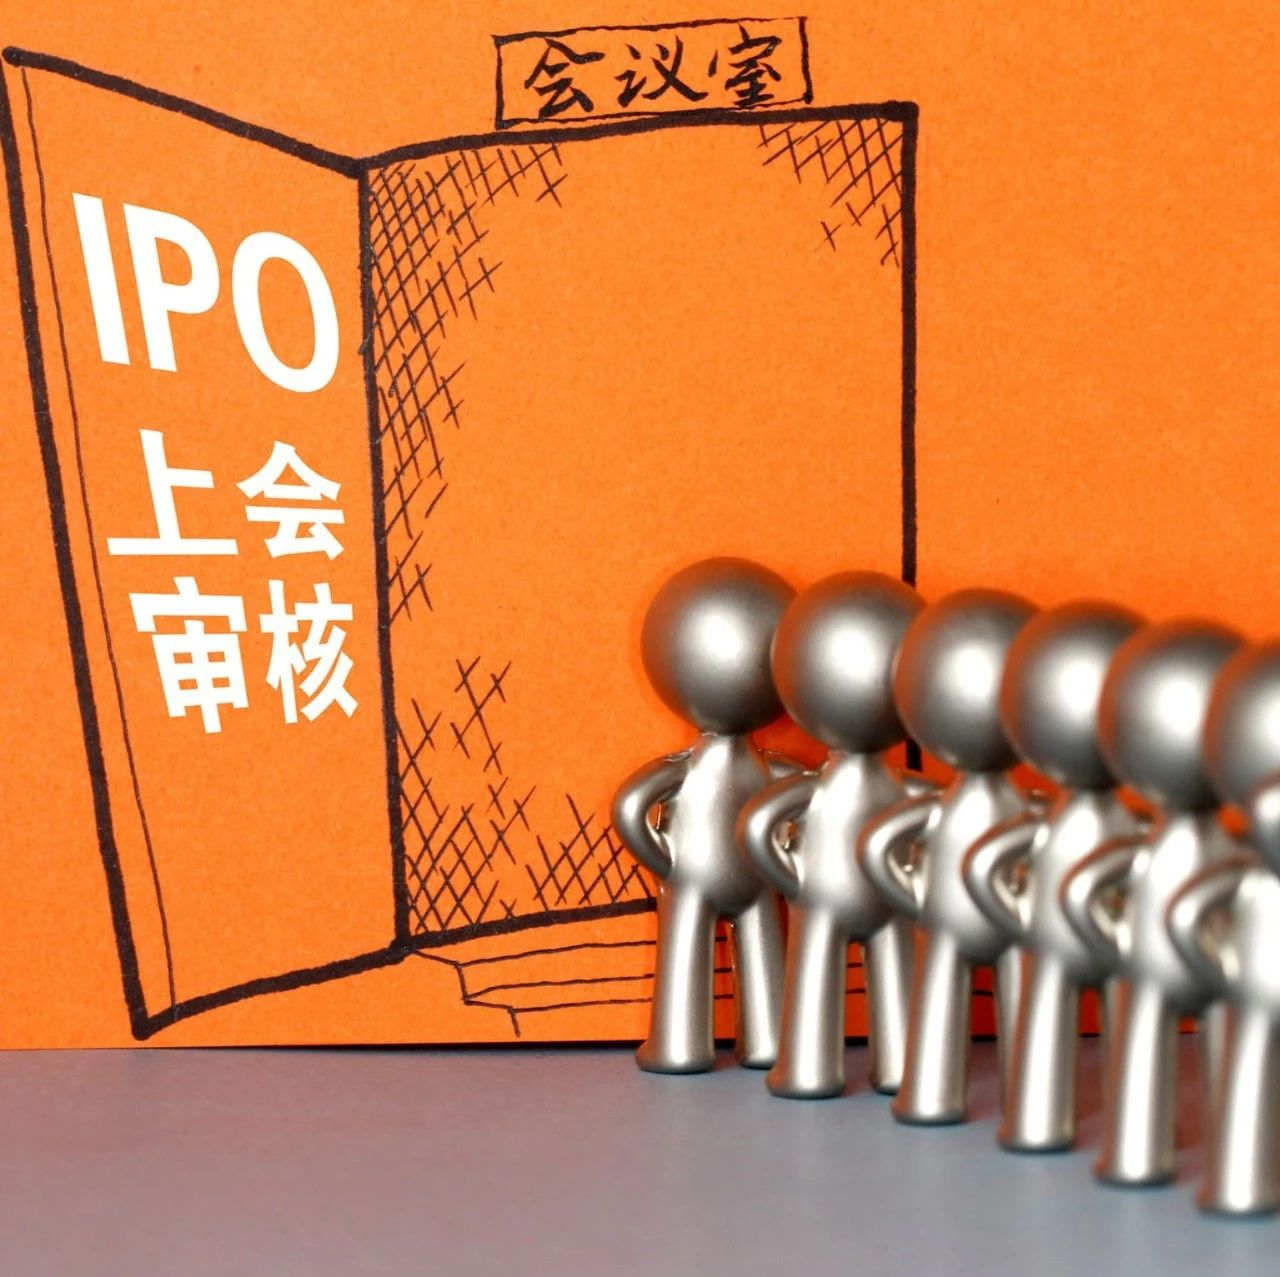 独家丨证监会支持疫情防控措施升级,对符合条件的两类企业加速IPO和再融资审核